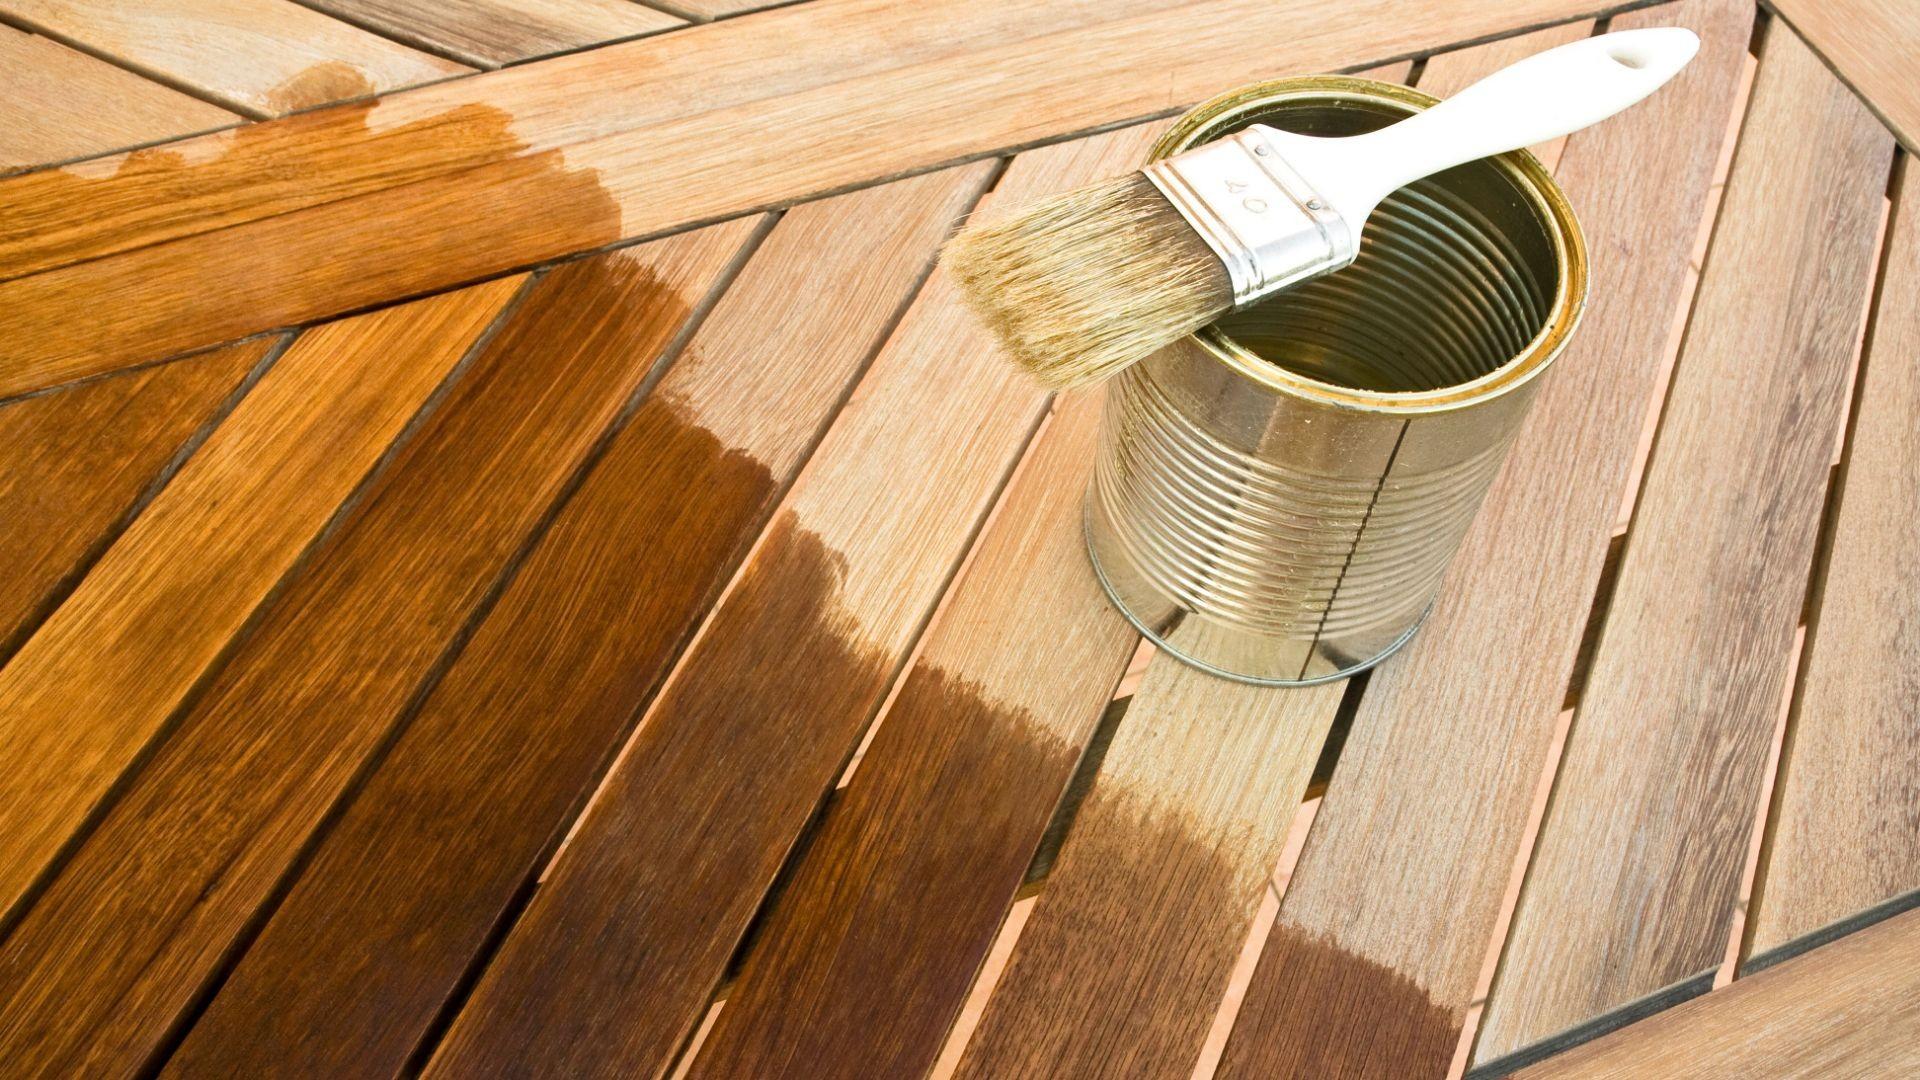 Especialistas en lacados, barnizados y restauración de muebles